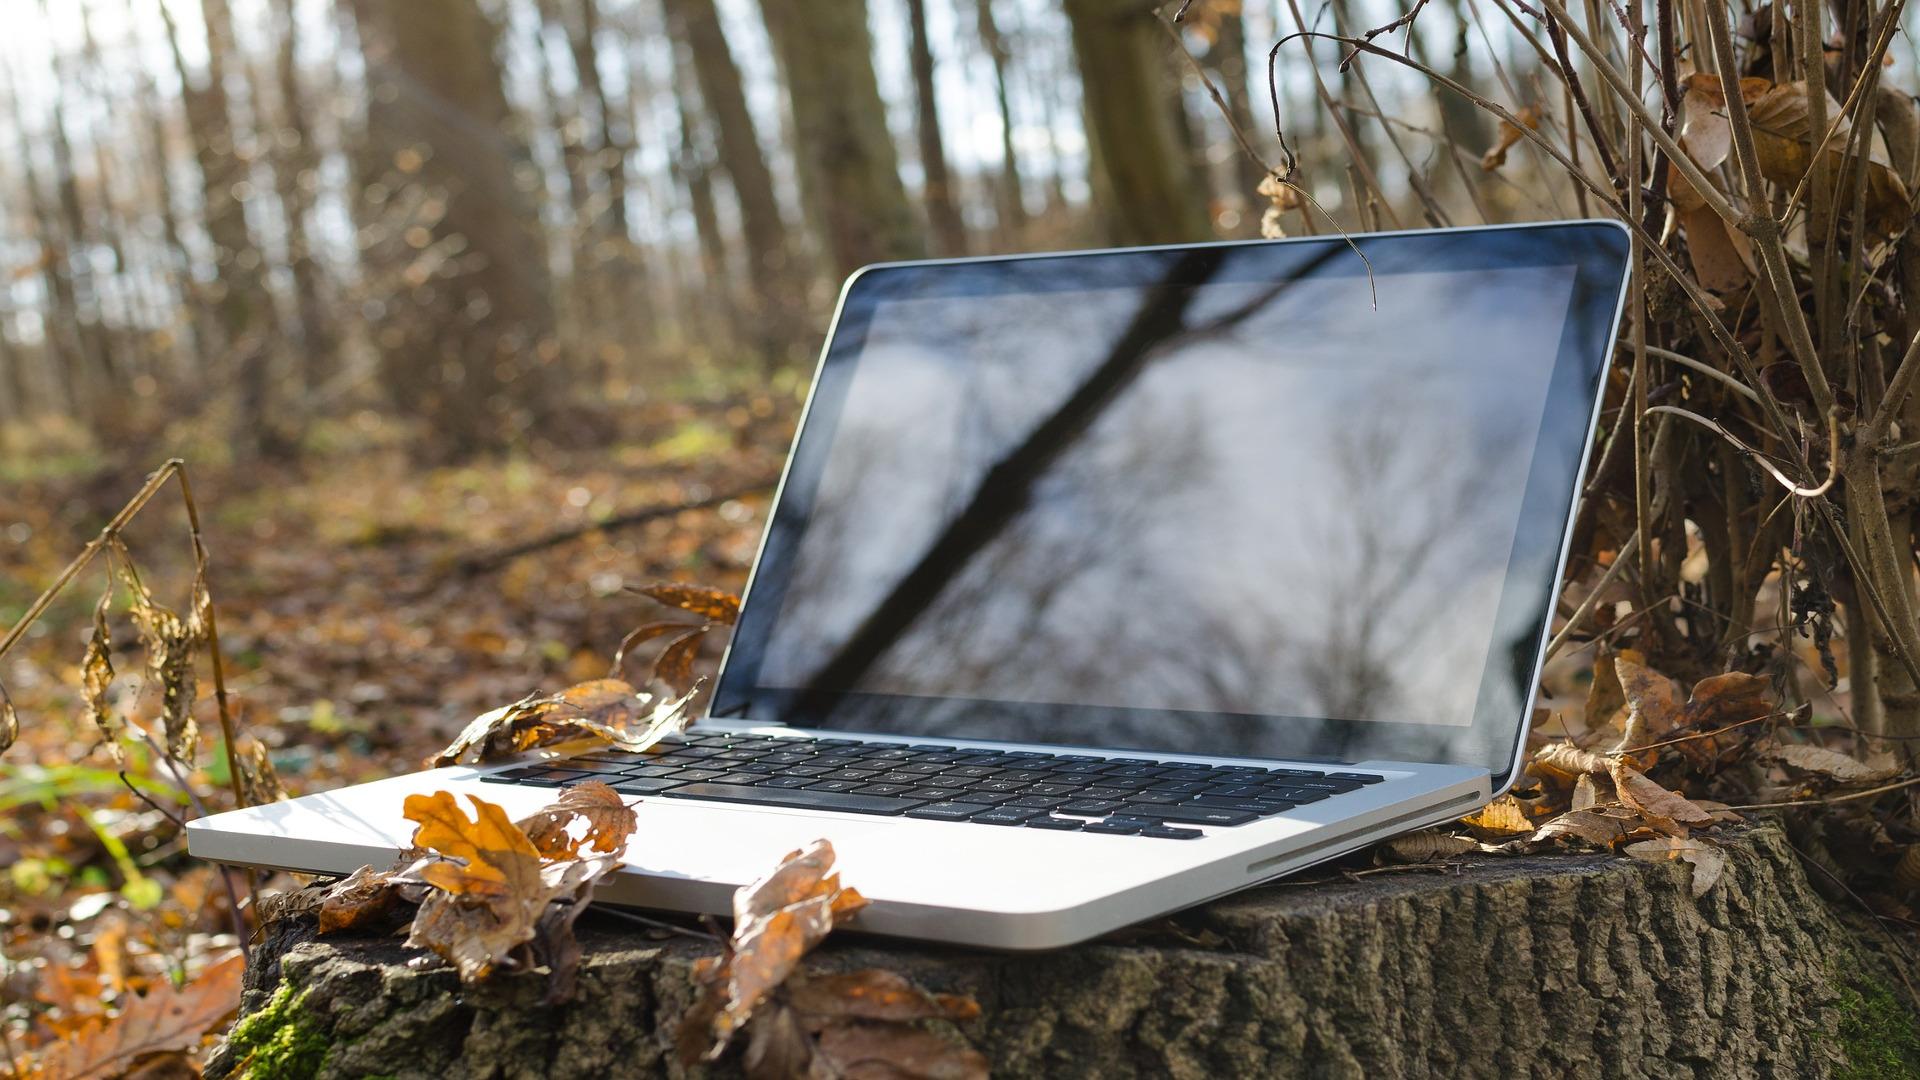 Raices la web que servira de ayuda a los jovenes que se incorporen al sector agrario y forestal1920